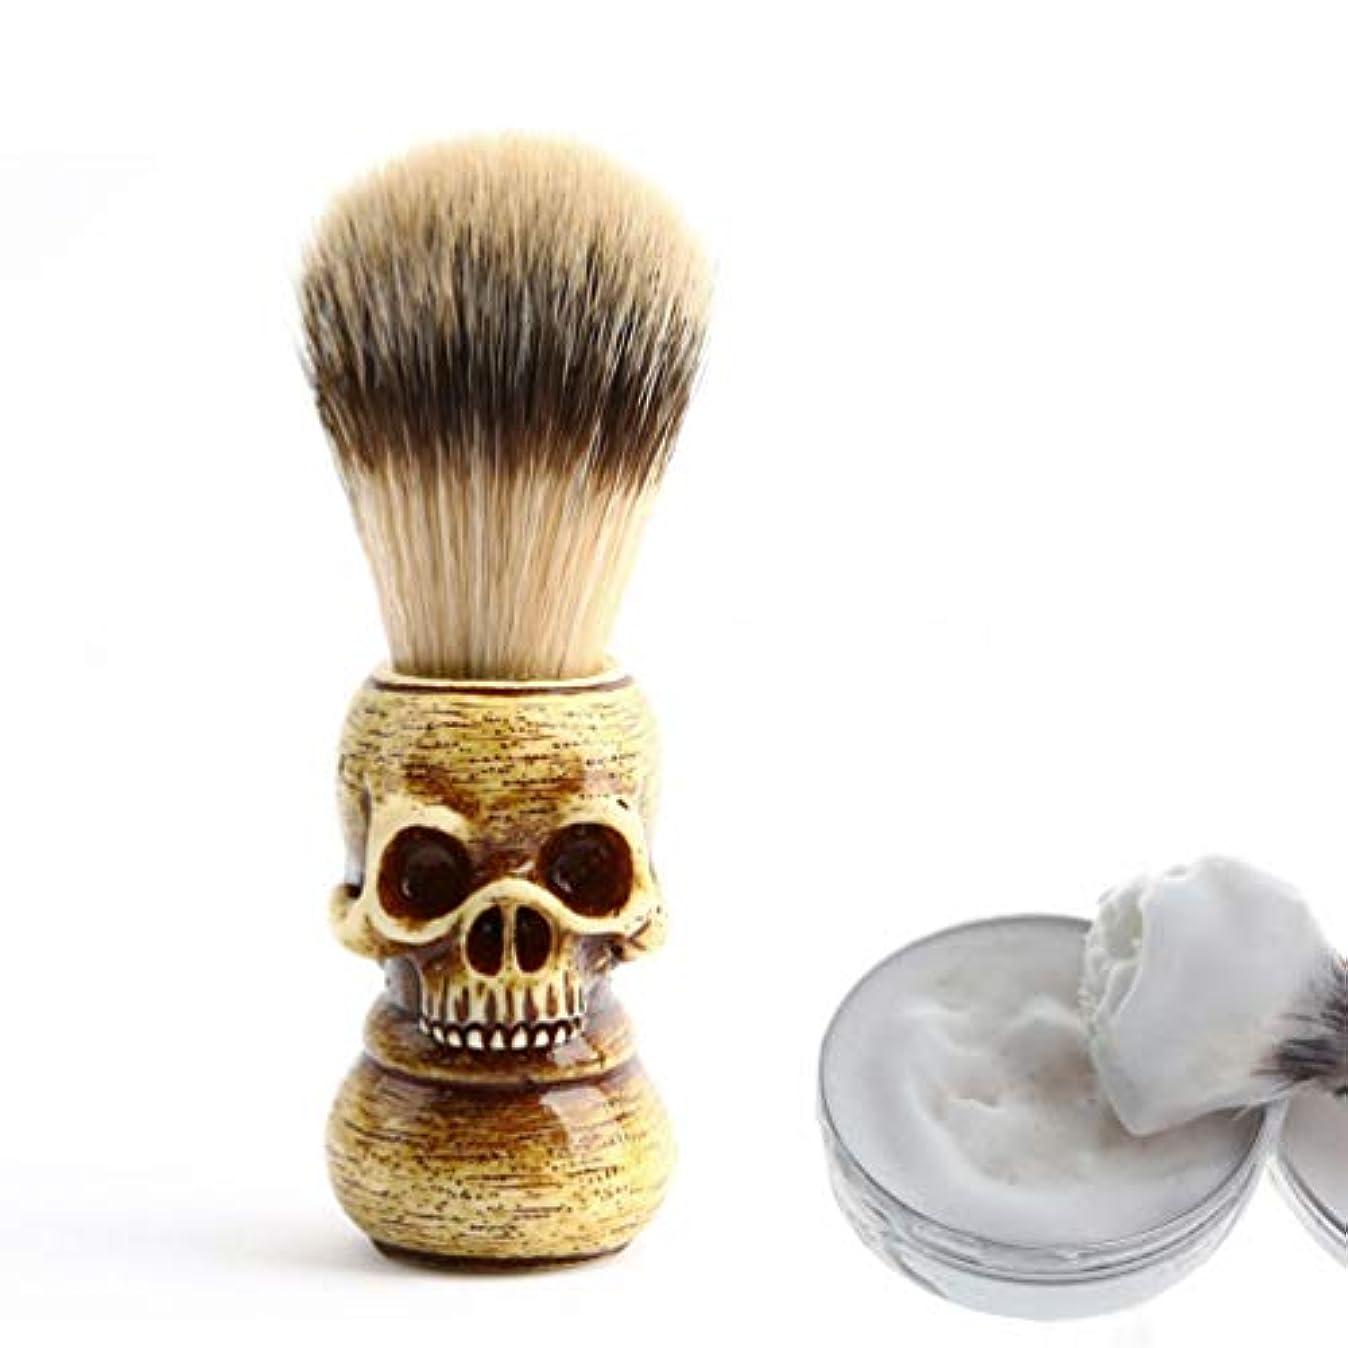 教育学一見りVosarea 1ピーススカルヘッドひげブラシポータブルメンズ軽量アナグマヘアブラシ口ひげ毛剃りブラシグルーミングツール